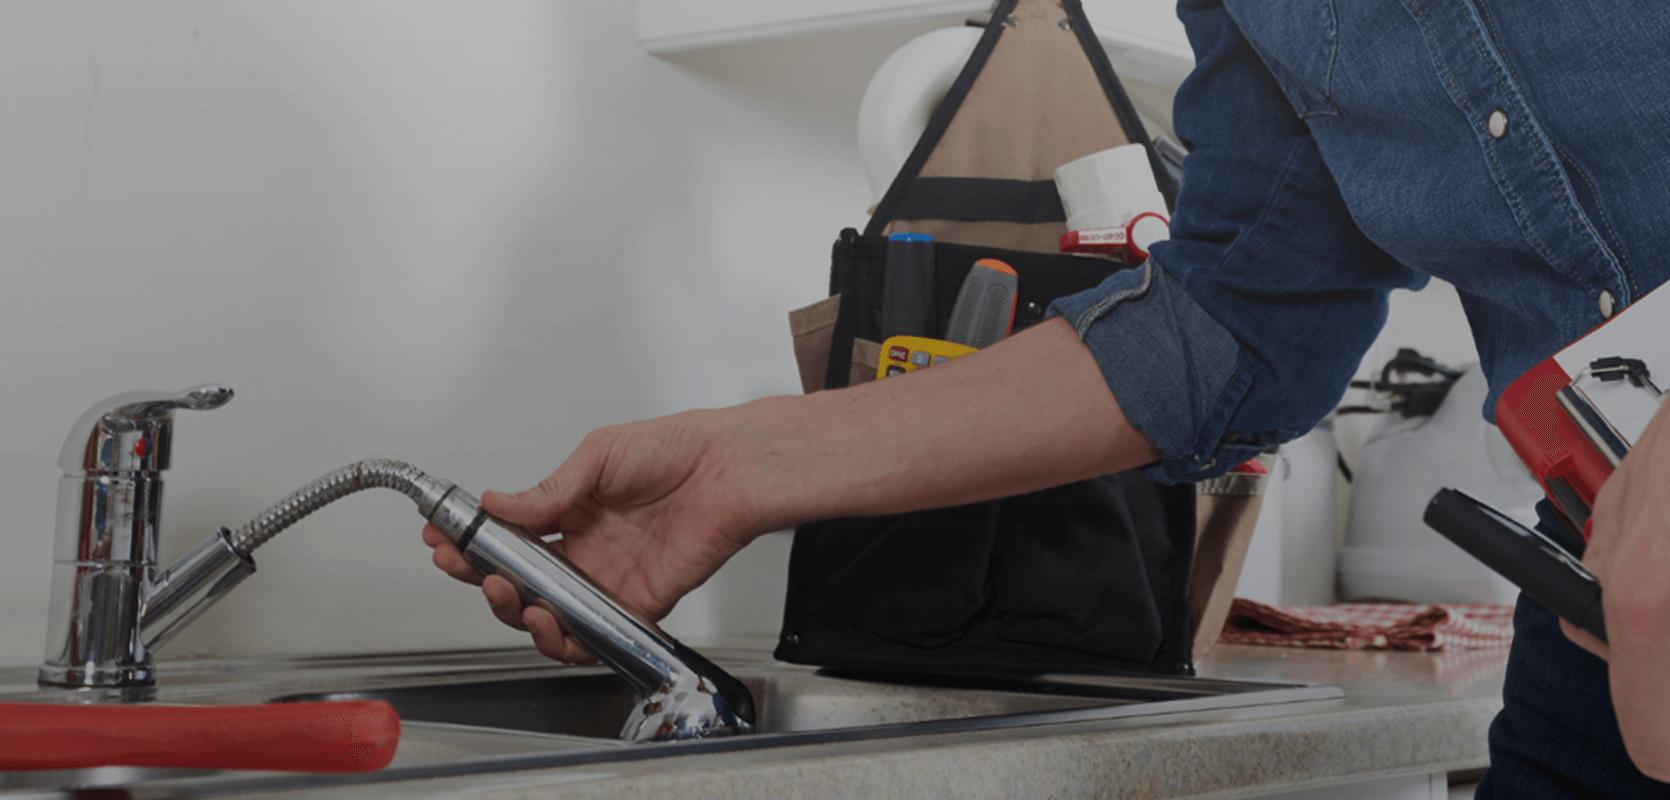 plumbing-renovation-image